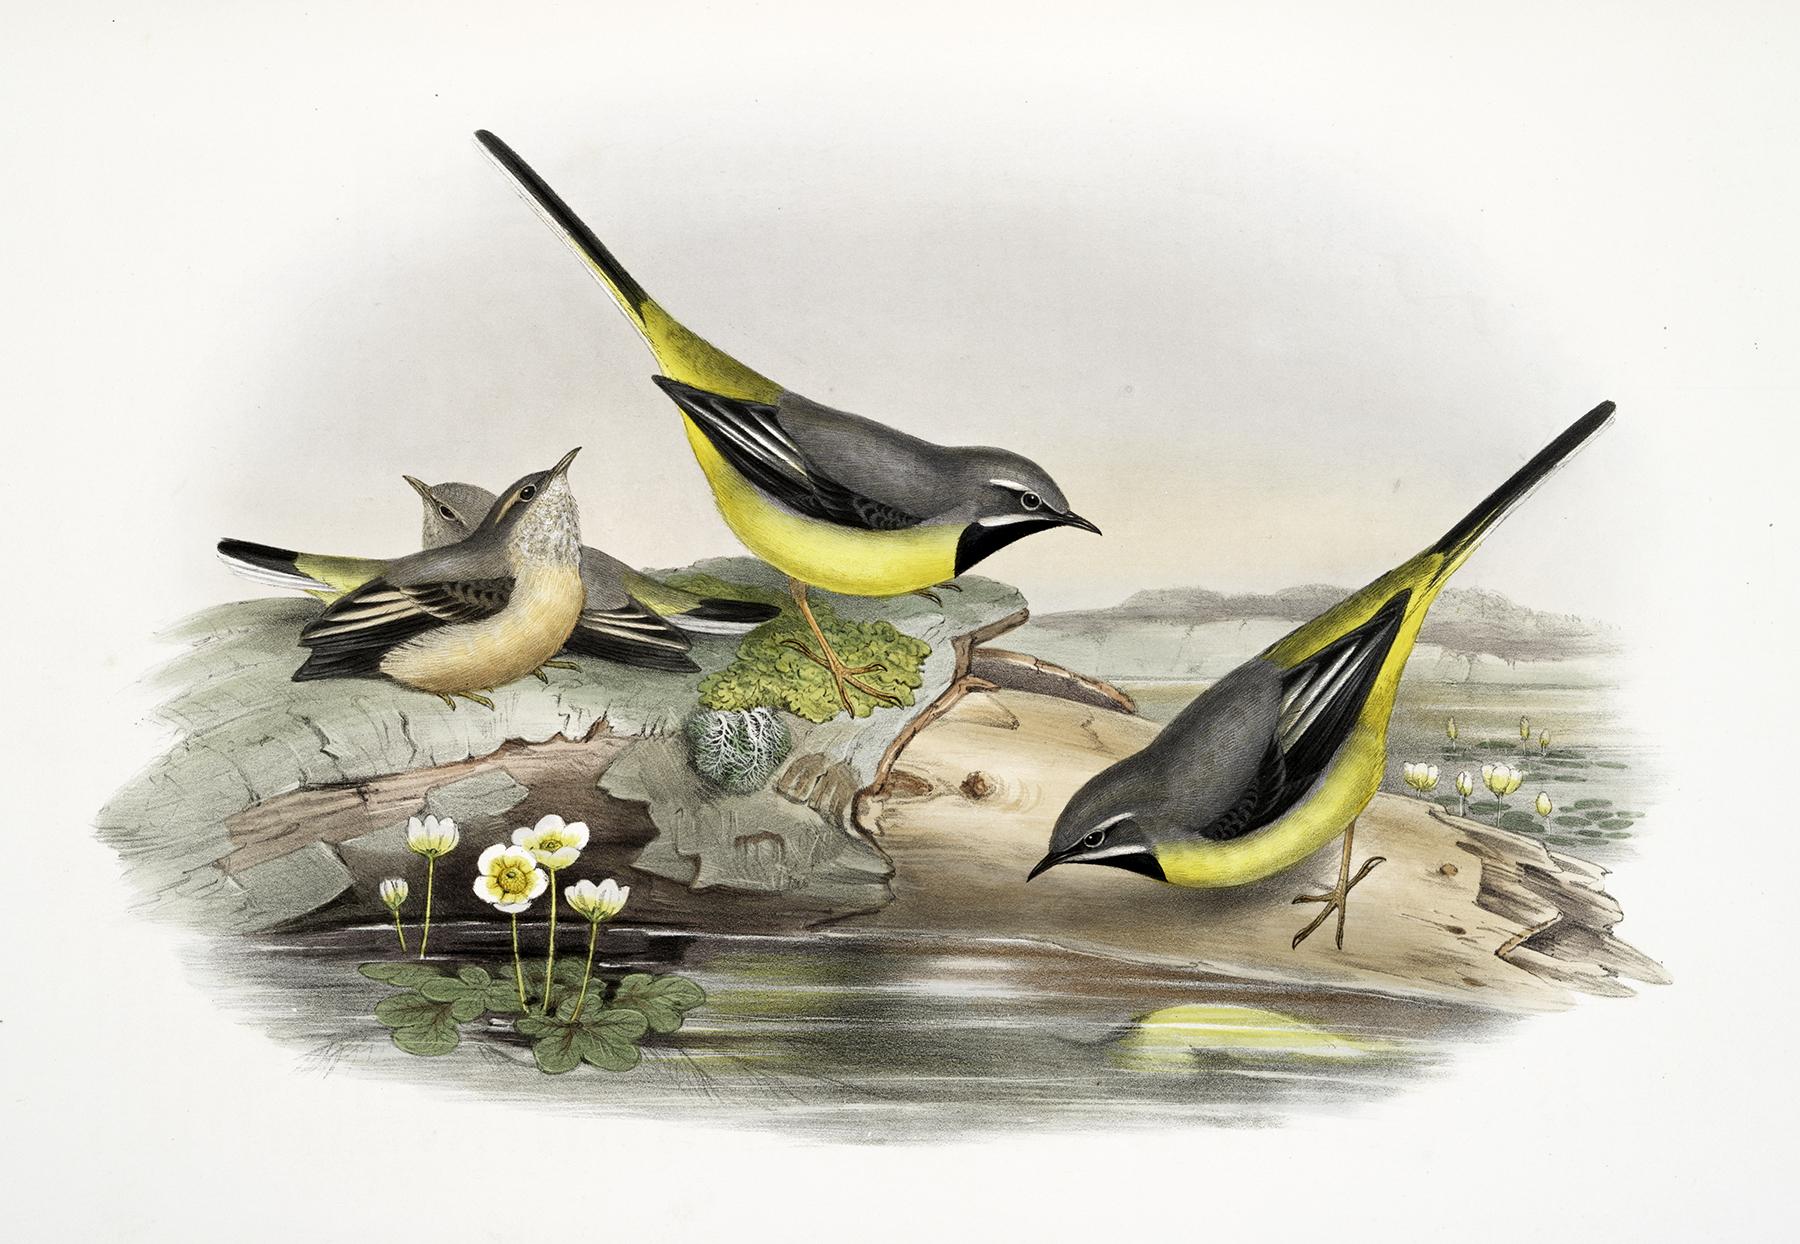 Vintage Birds On A Log Image